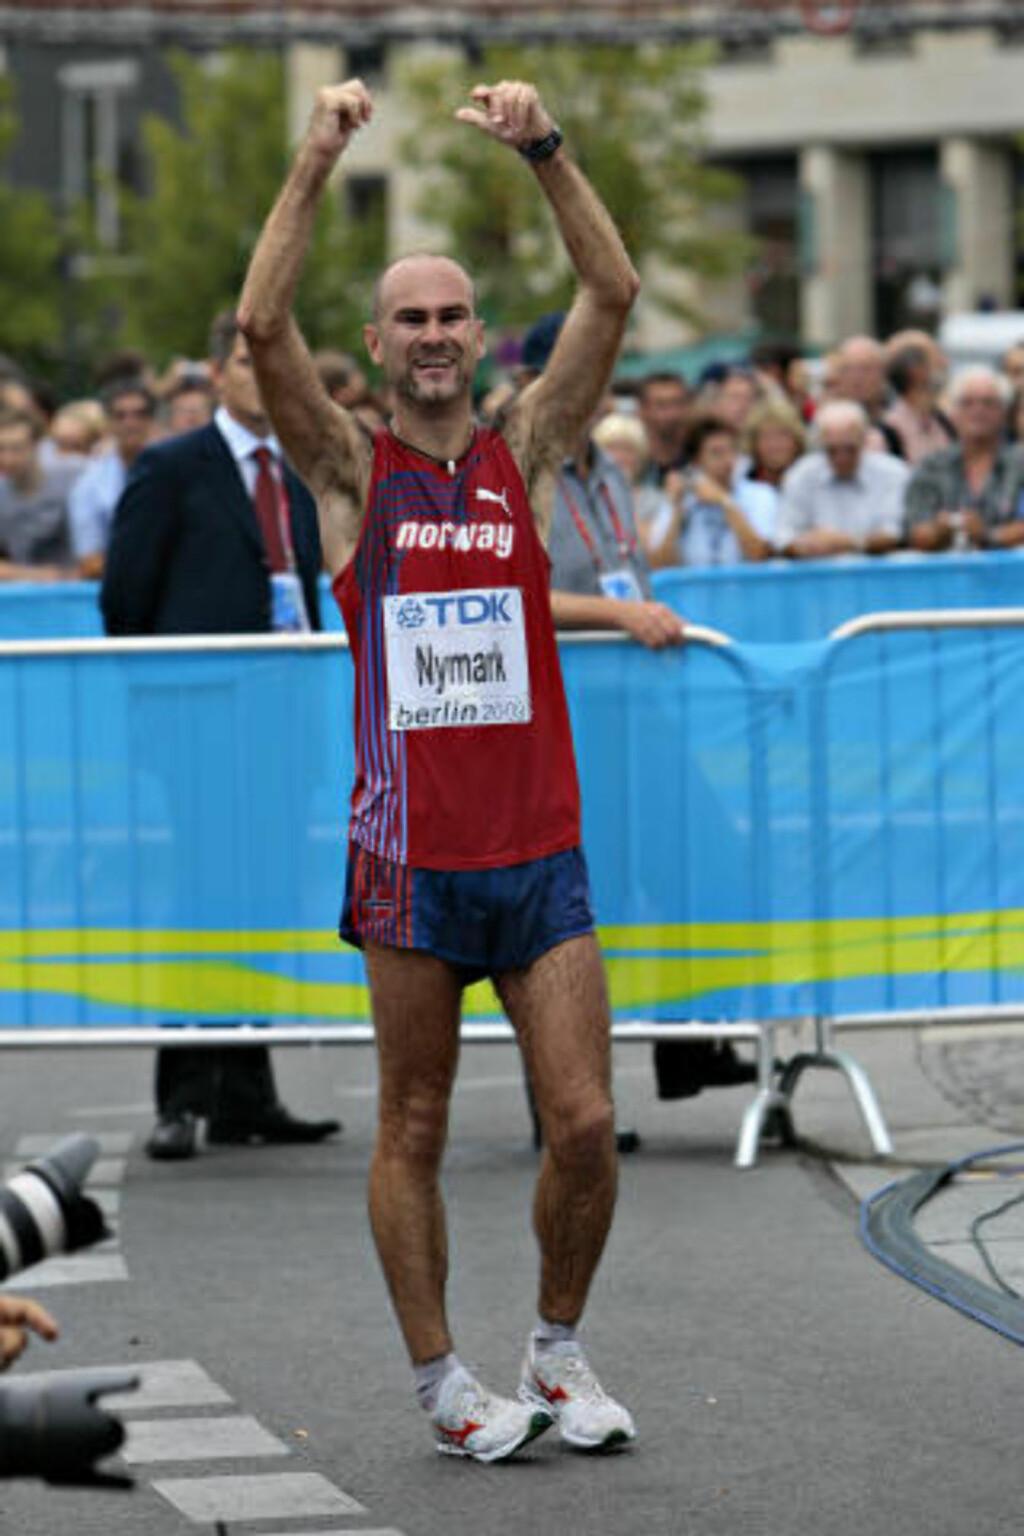 ... MEN GLAD: - Jeg er glad også. Veldig glad, sier Norges første medaljevinner i Berlin-VM.Foto: Arnt E. Folvik, Dagbladet